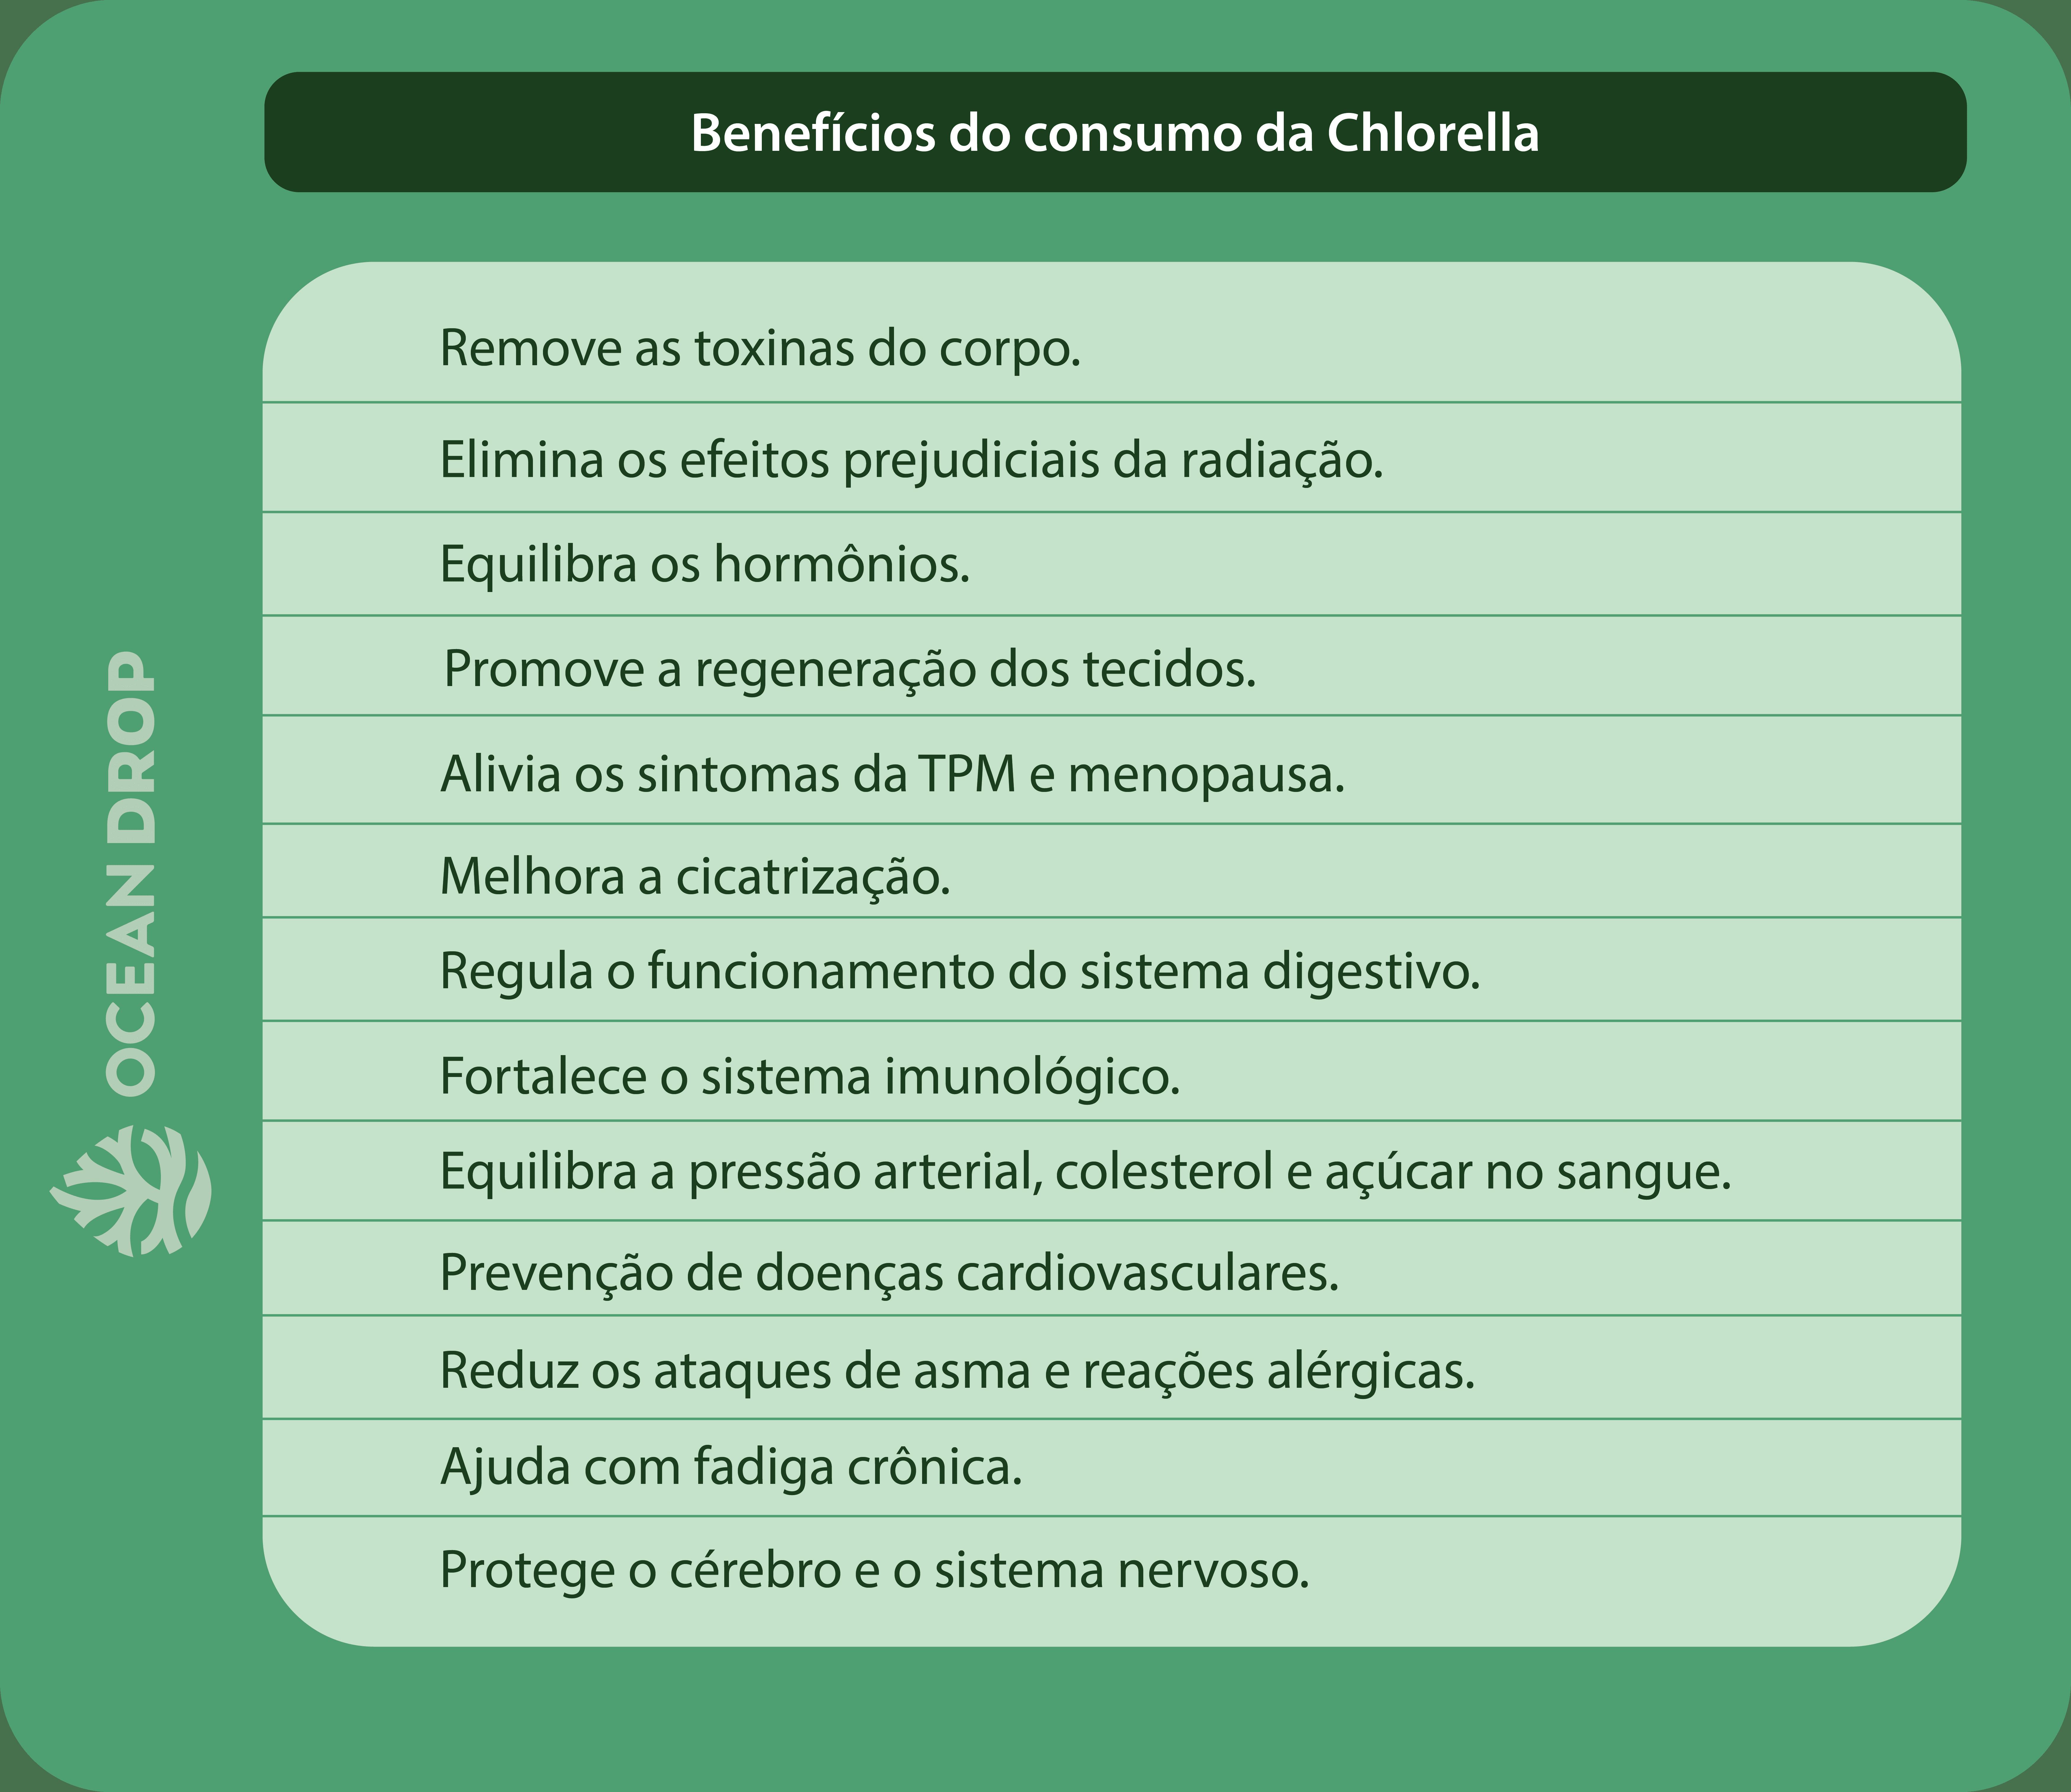 chlorella benefícios : tabela beneficios